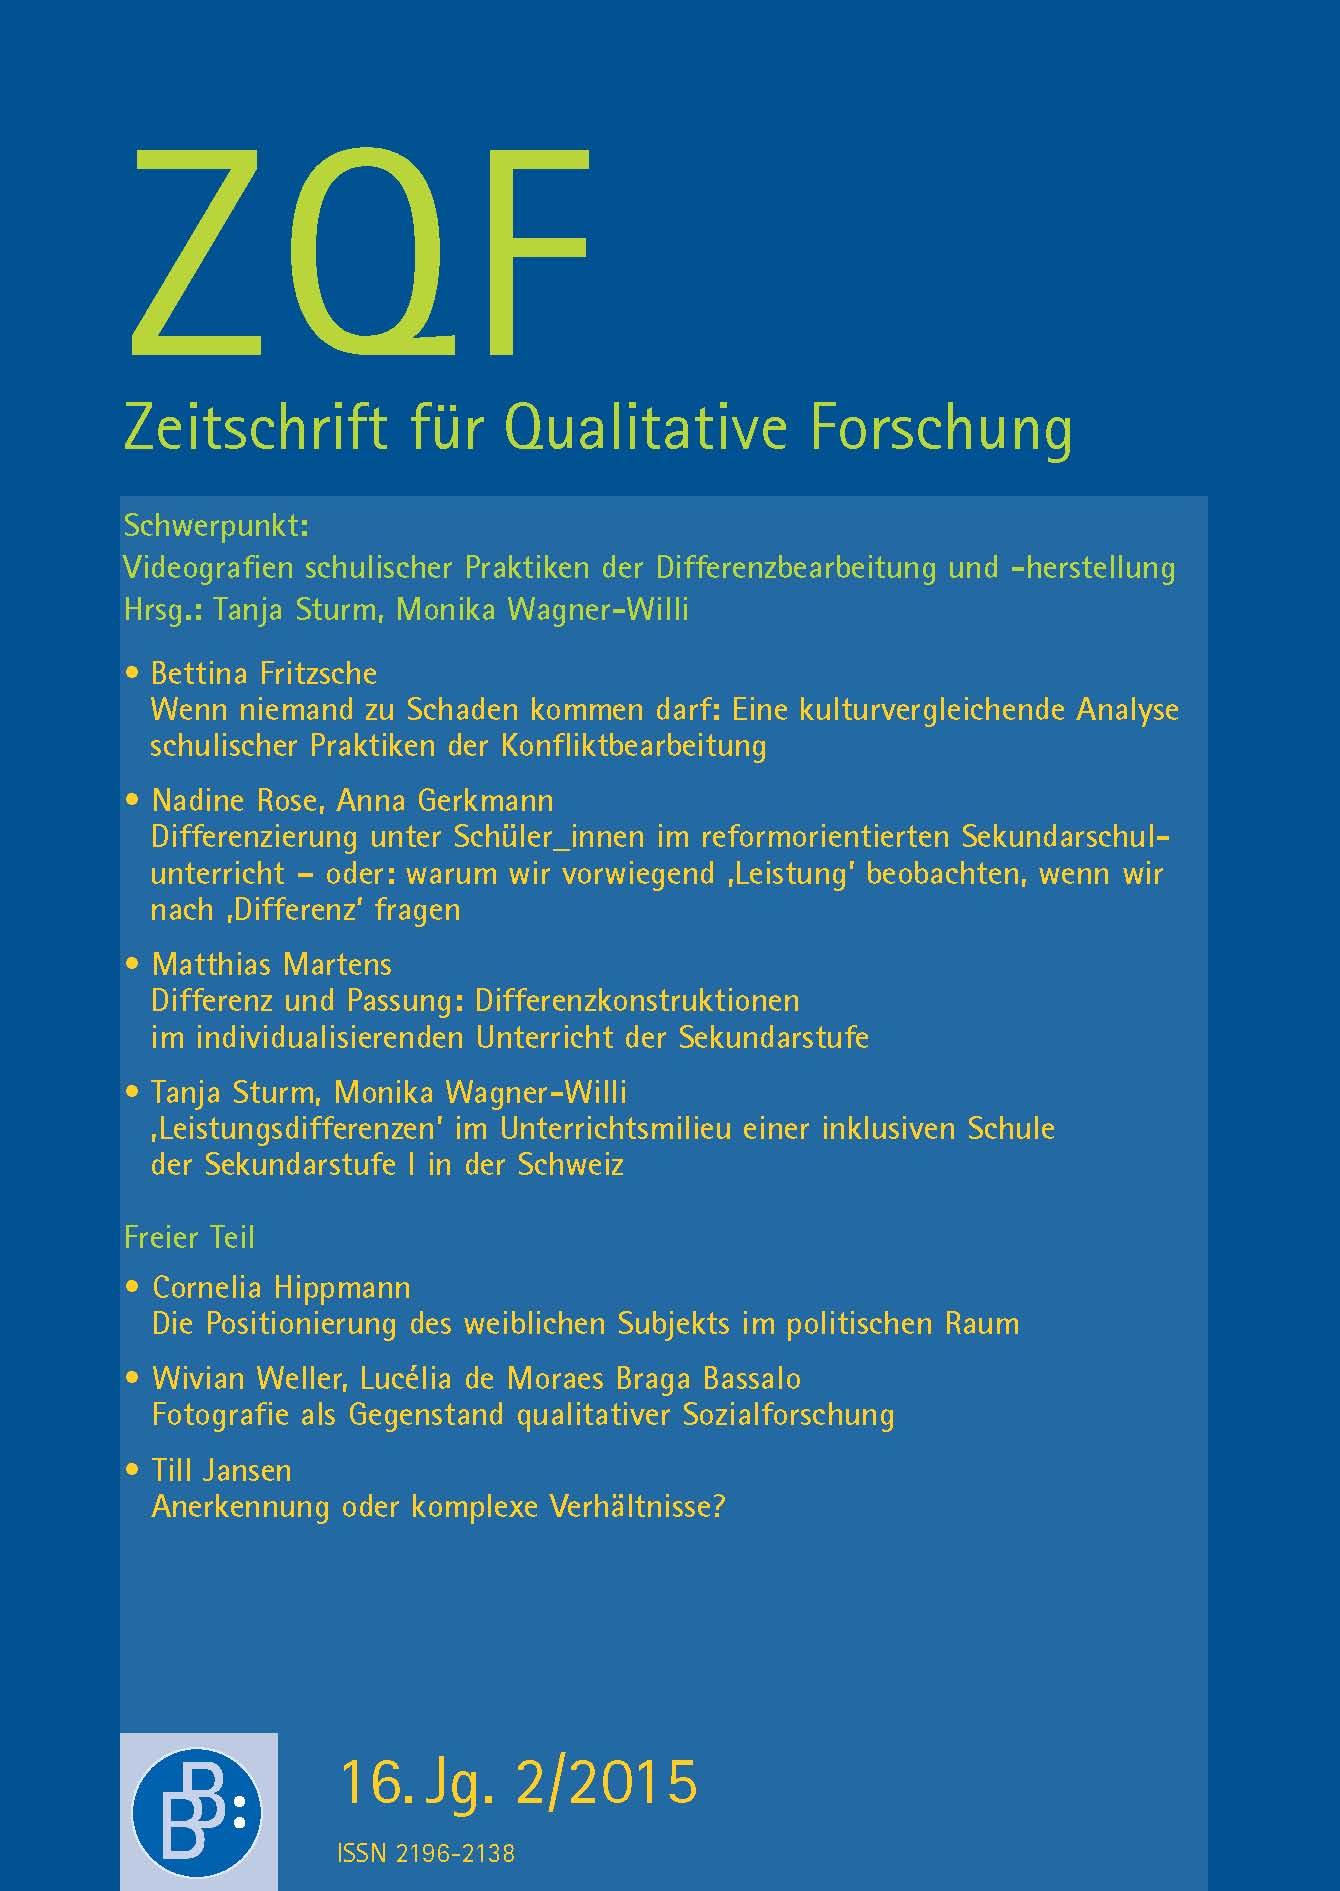 ZQF 2-2015 | Videografien schulischer Praktiken der Differenzbearbeitung und -herstellung